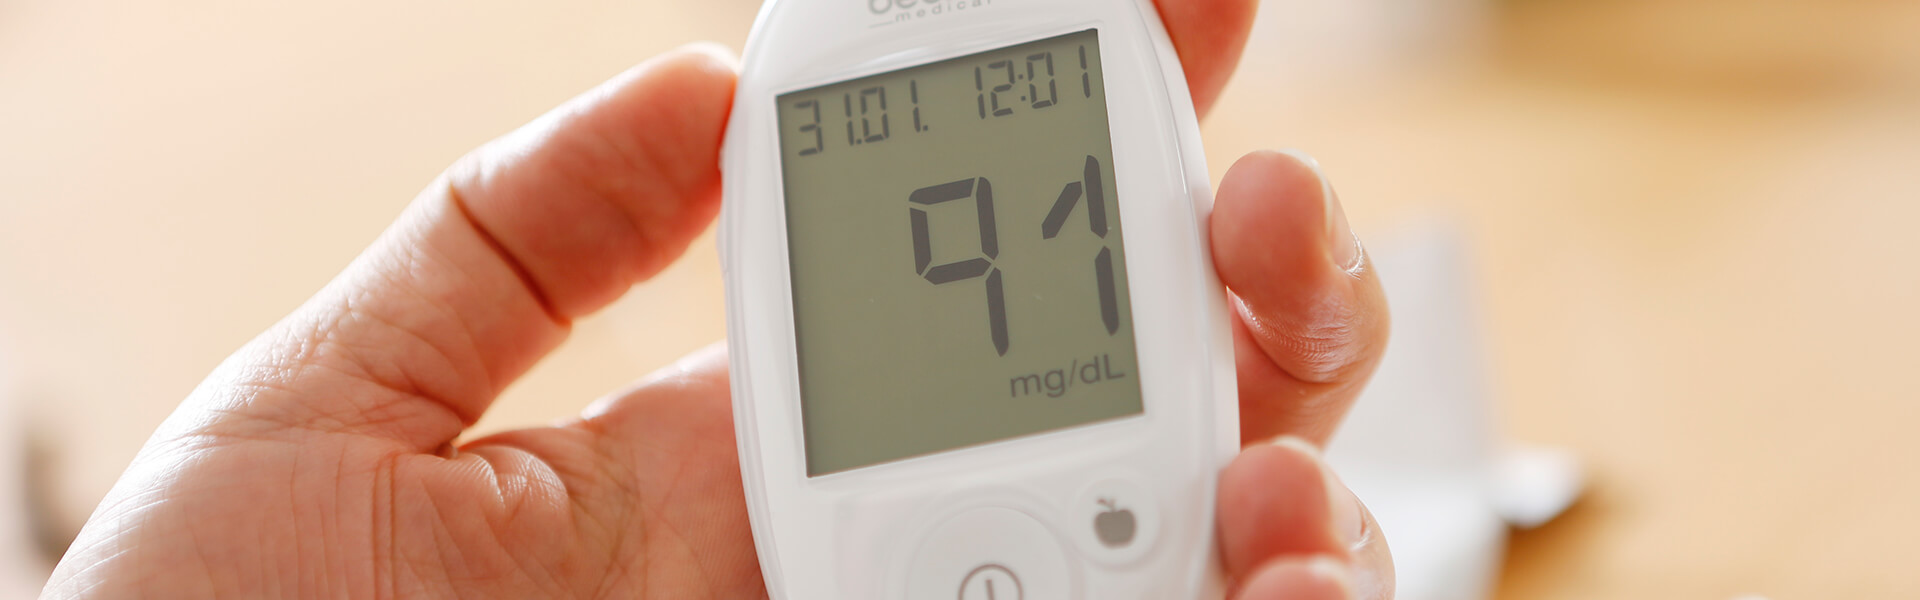 Diabetes-Zentrum Hemer - Pollok & Chmielewski - Datenschutz